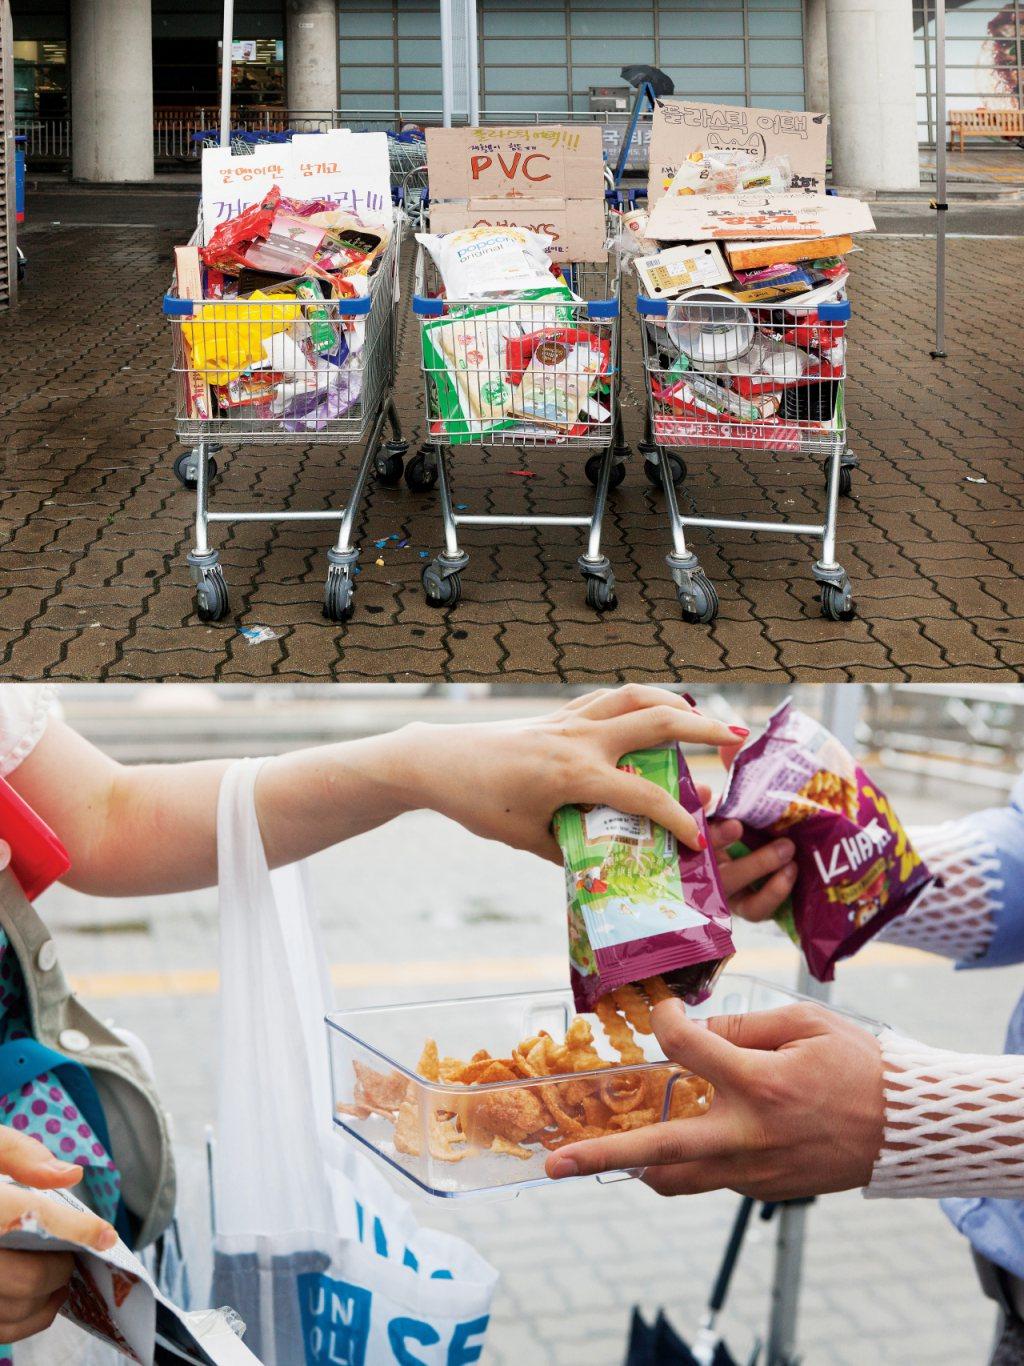 2018년 7월 1일 서울의 한 대형마트에서는 과도한 일회용 플라스틱 포장에 반대하는 시민 행동 '플라스틱 어택'이 있었다. 시민들은 '껍데기는 가라'라고 외치며 각자 구매한 상품의 과대 포장을 뜯어 내용물만을 지참해온 다회용 용기에 옮겨 담았다. 시민들이 구매한 물건 수에 따라 격차는 있지만 약 3만 원 어치 쇼핑을 하면 평균적으로 17개의 포장 쓰레기가 배출됐다. ⓒ홍수빈